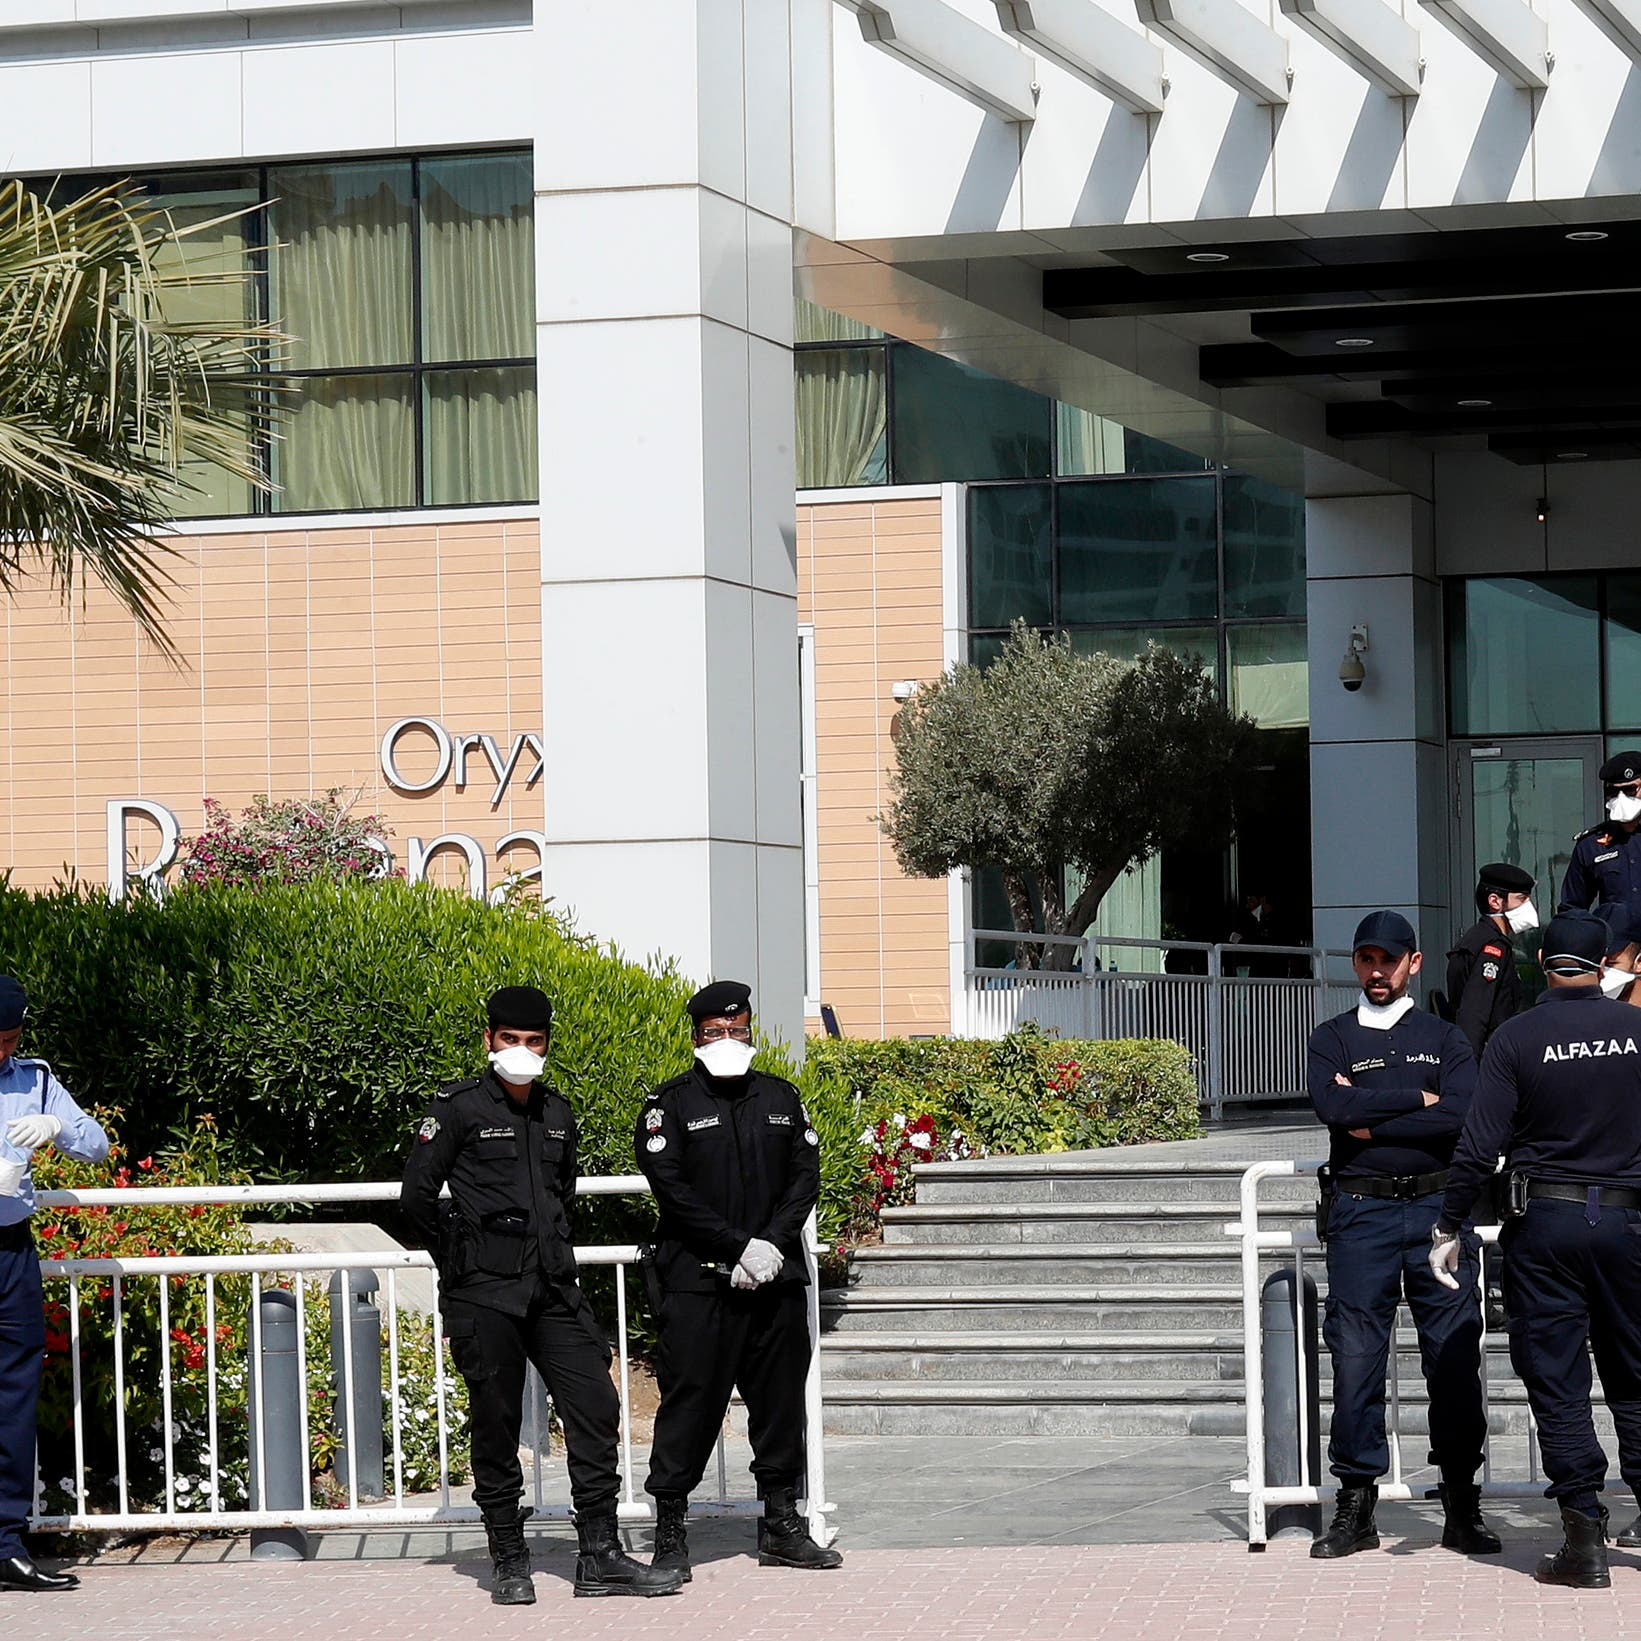 صحيفة: مقارنة بعدد السكان.. قطر الأعلى عالمياً في إصابات كورونا